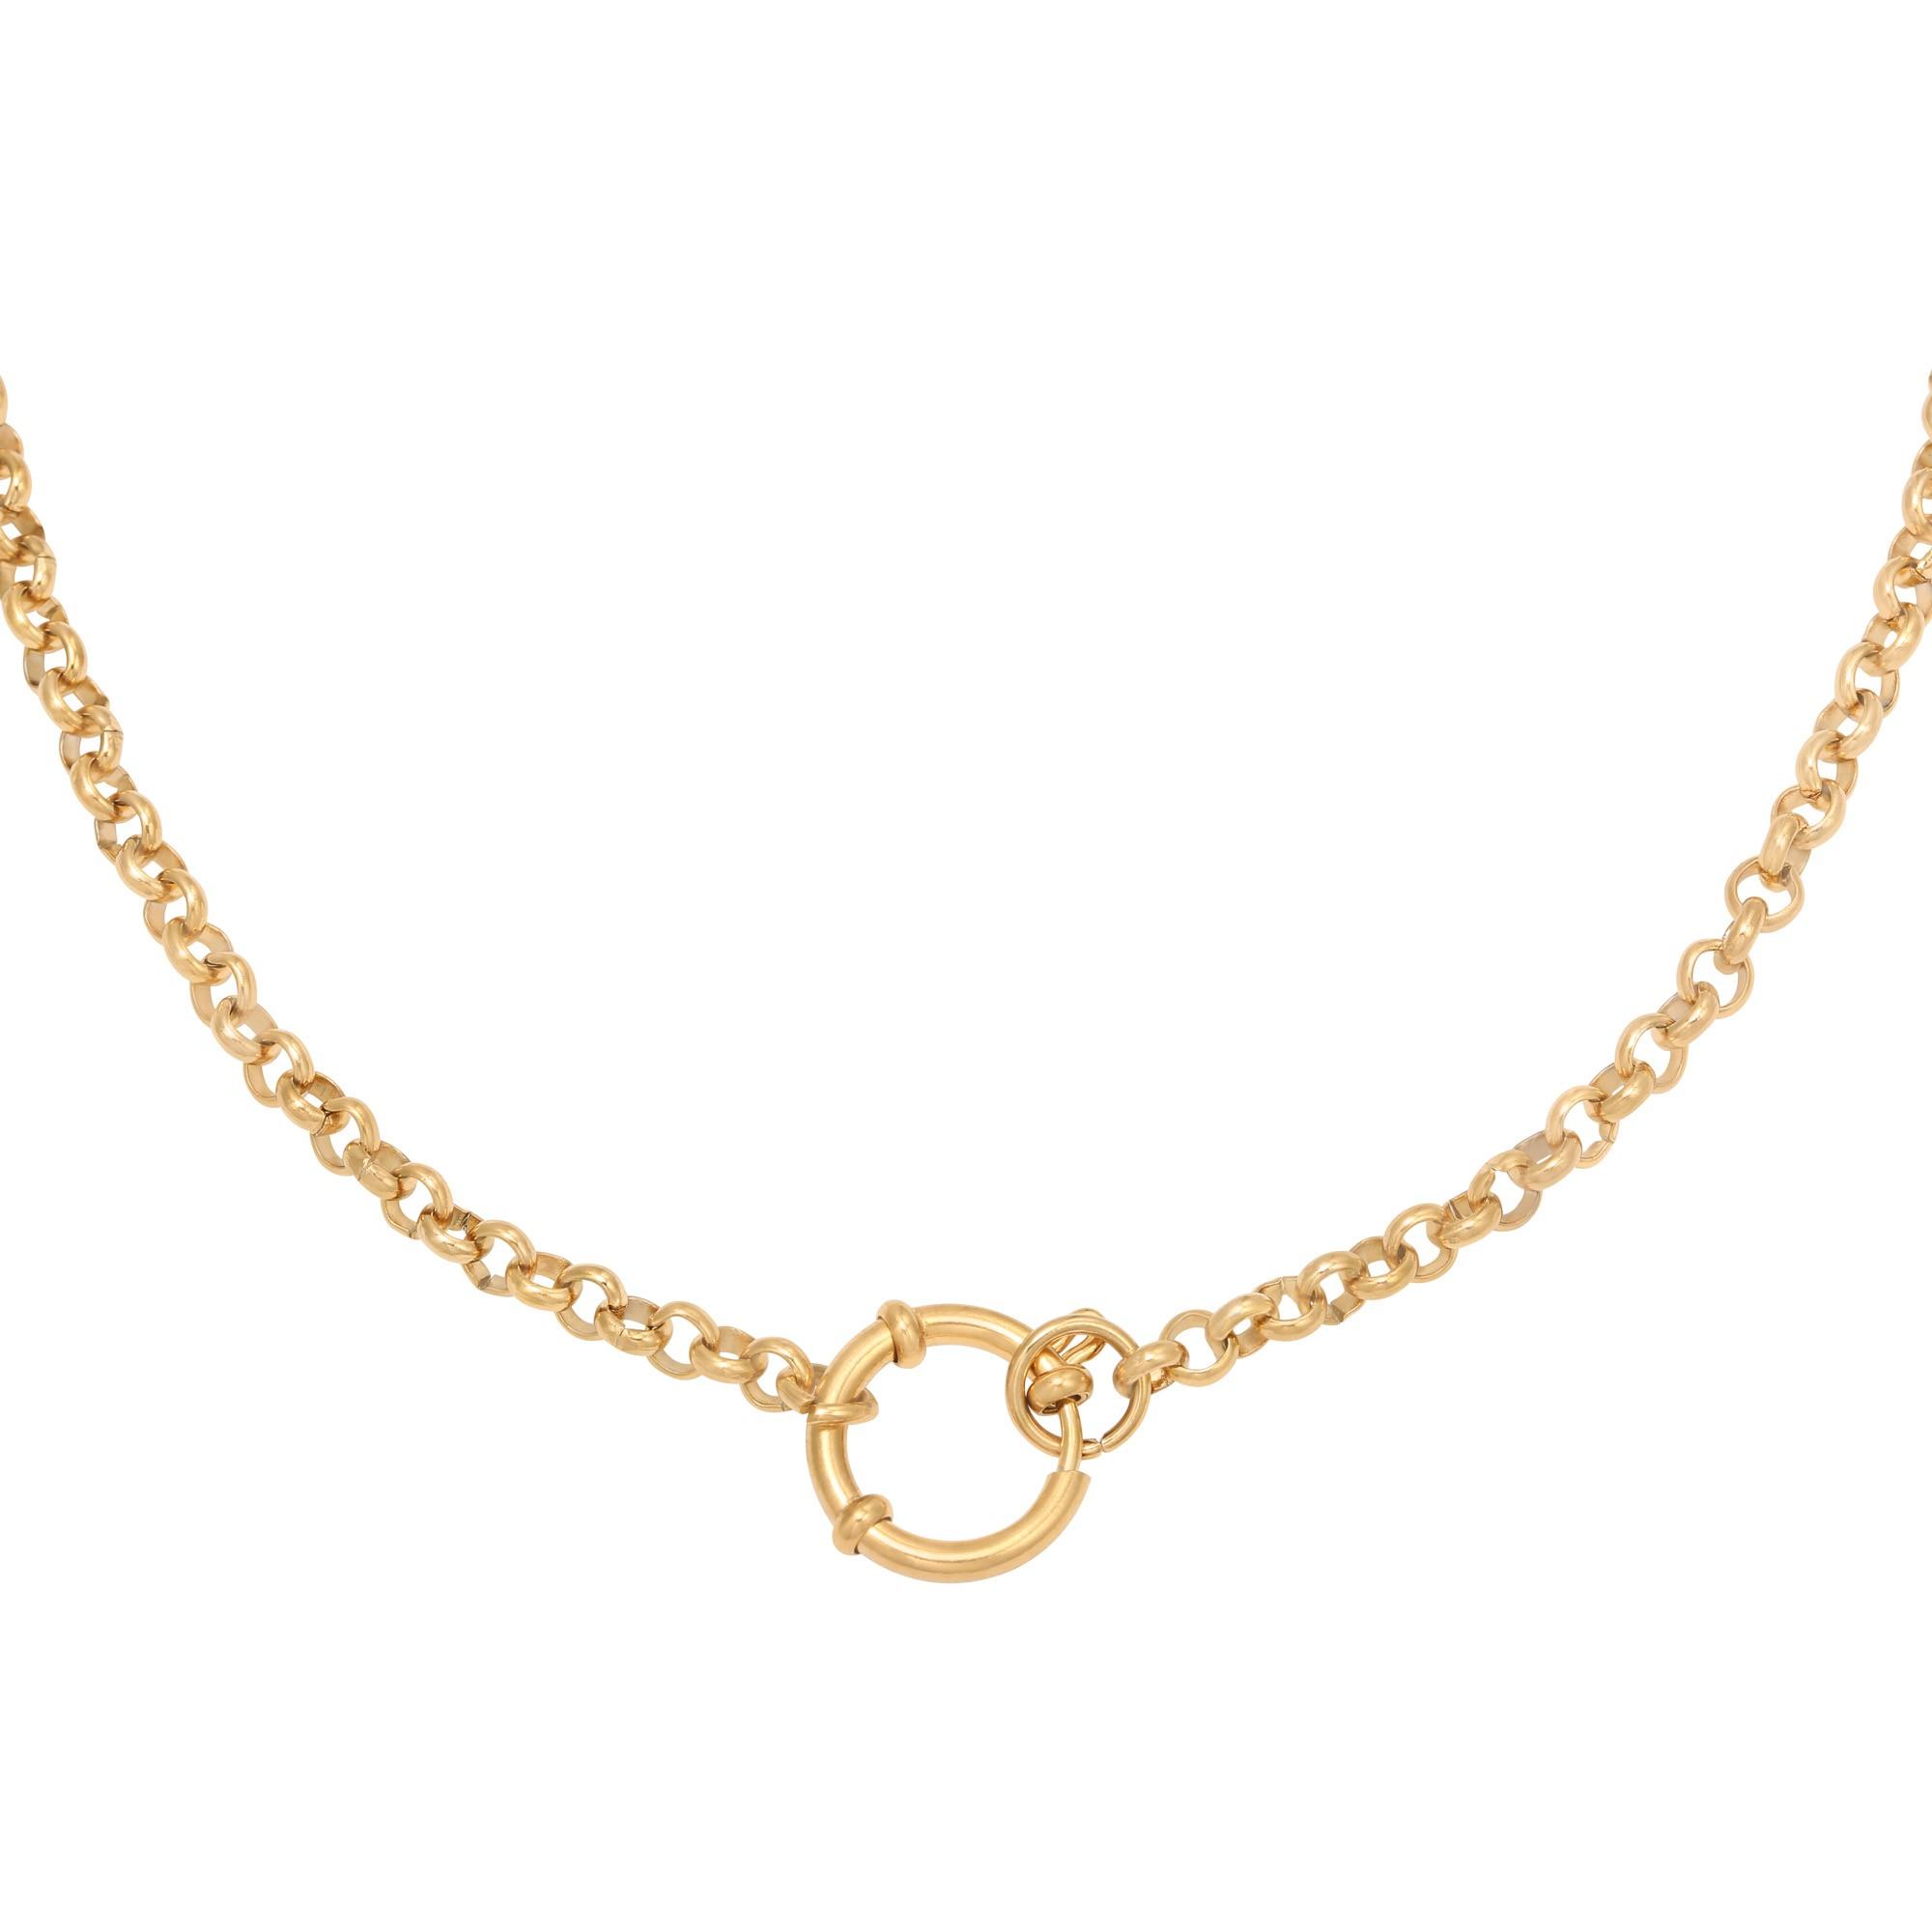 ketting-chunky-lock-stainless-steel-goud